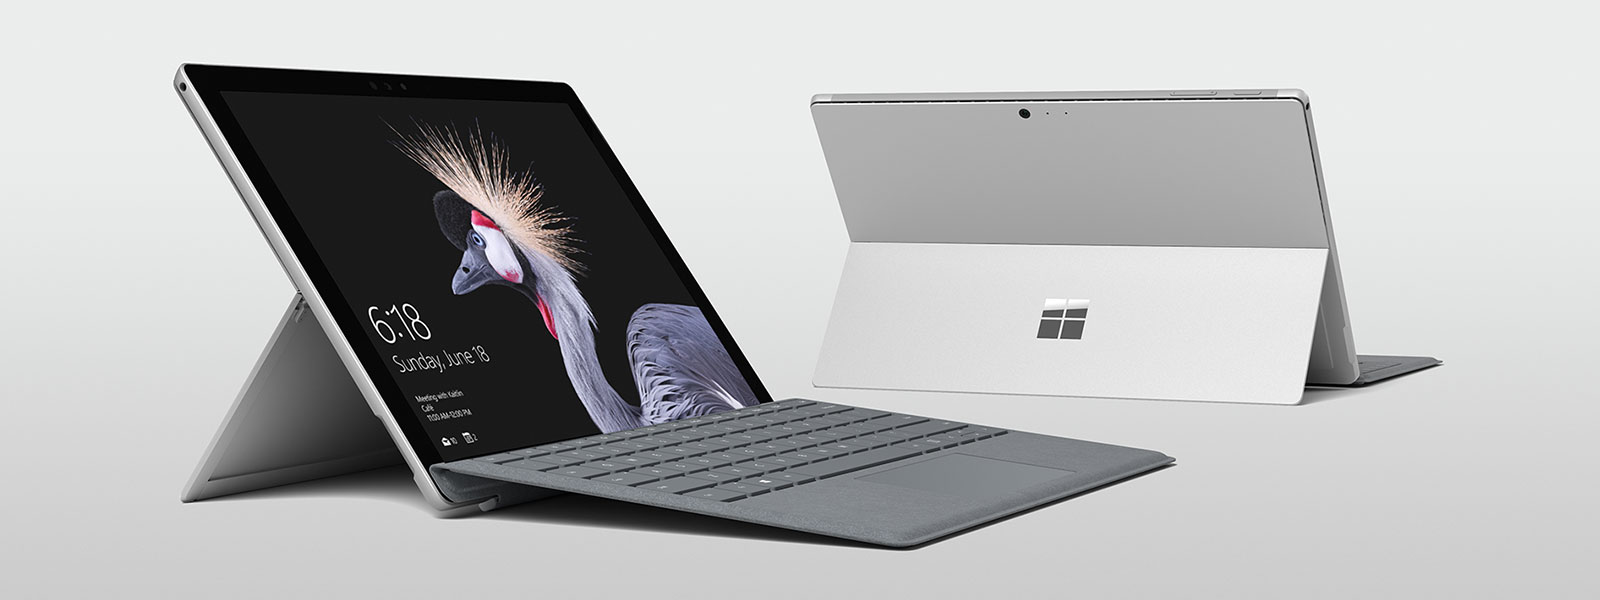 所有 Surface 设备的分组图像